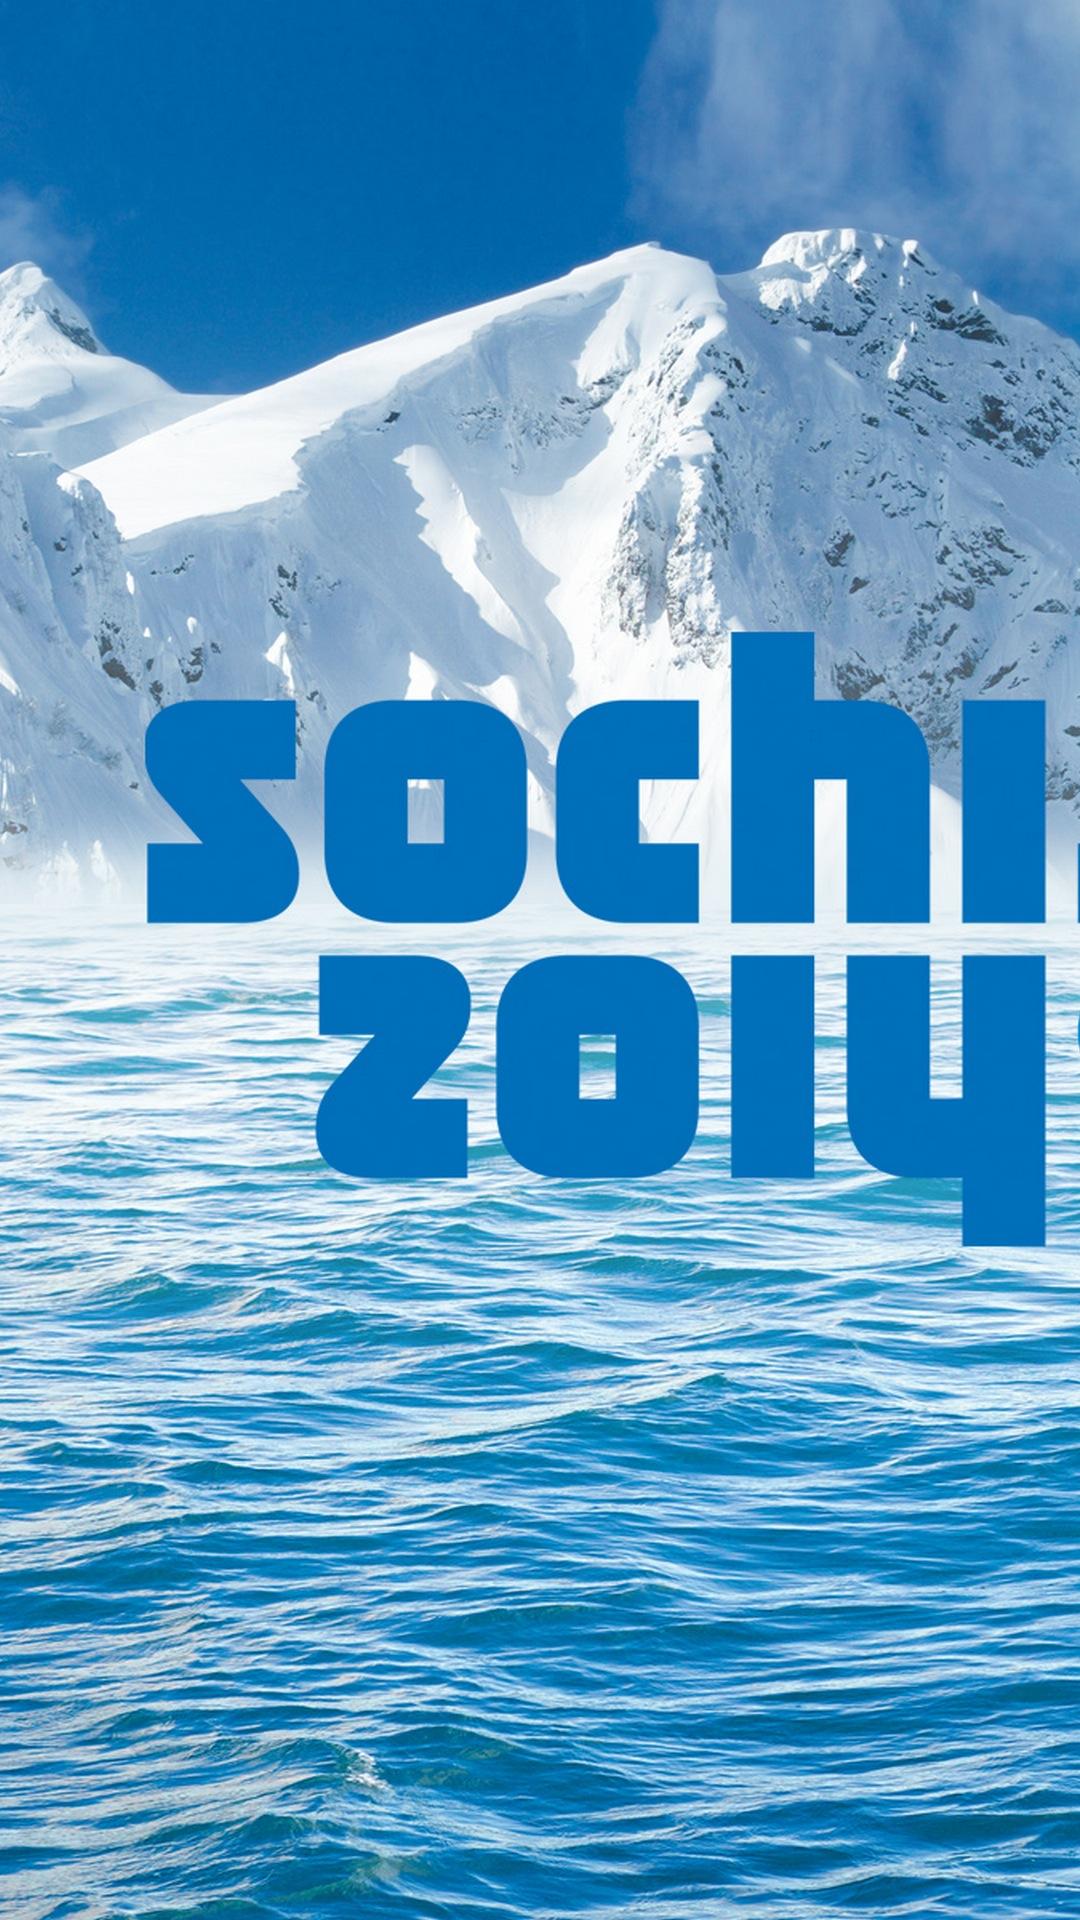 Sochi 2014 Winter Olympics, Logo, Sports, Galaxy S4 Wallaper full size 1080x1920